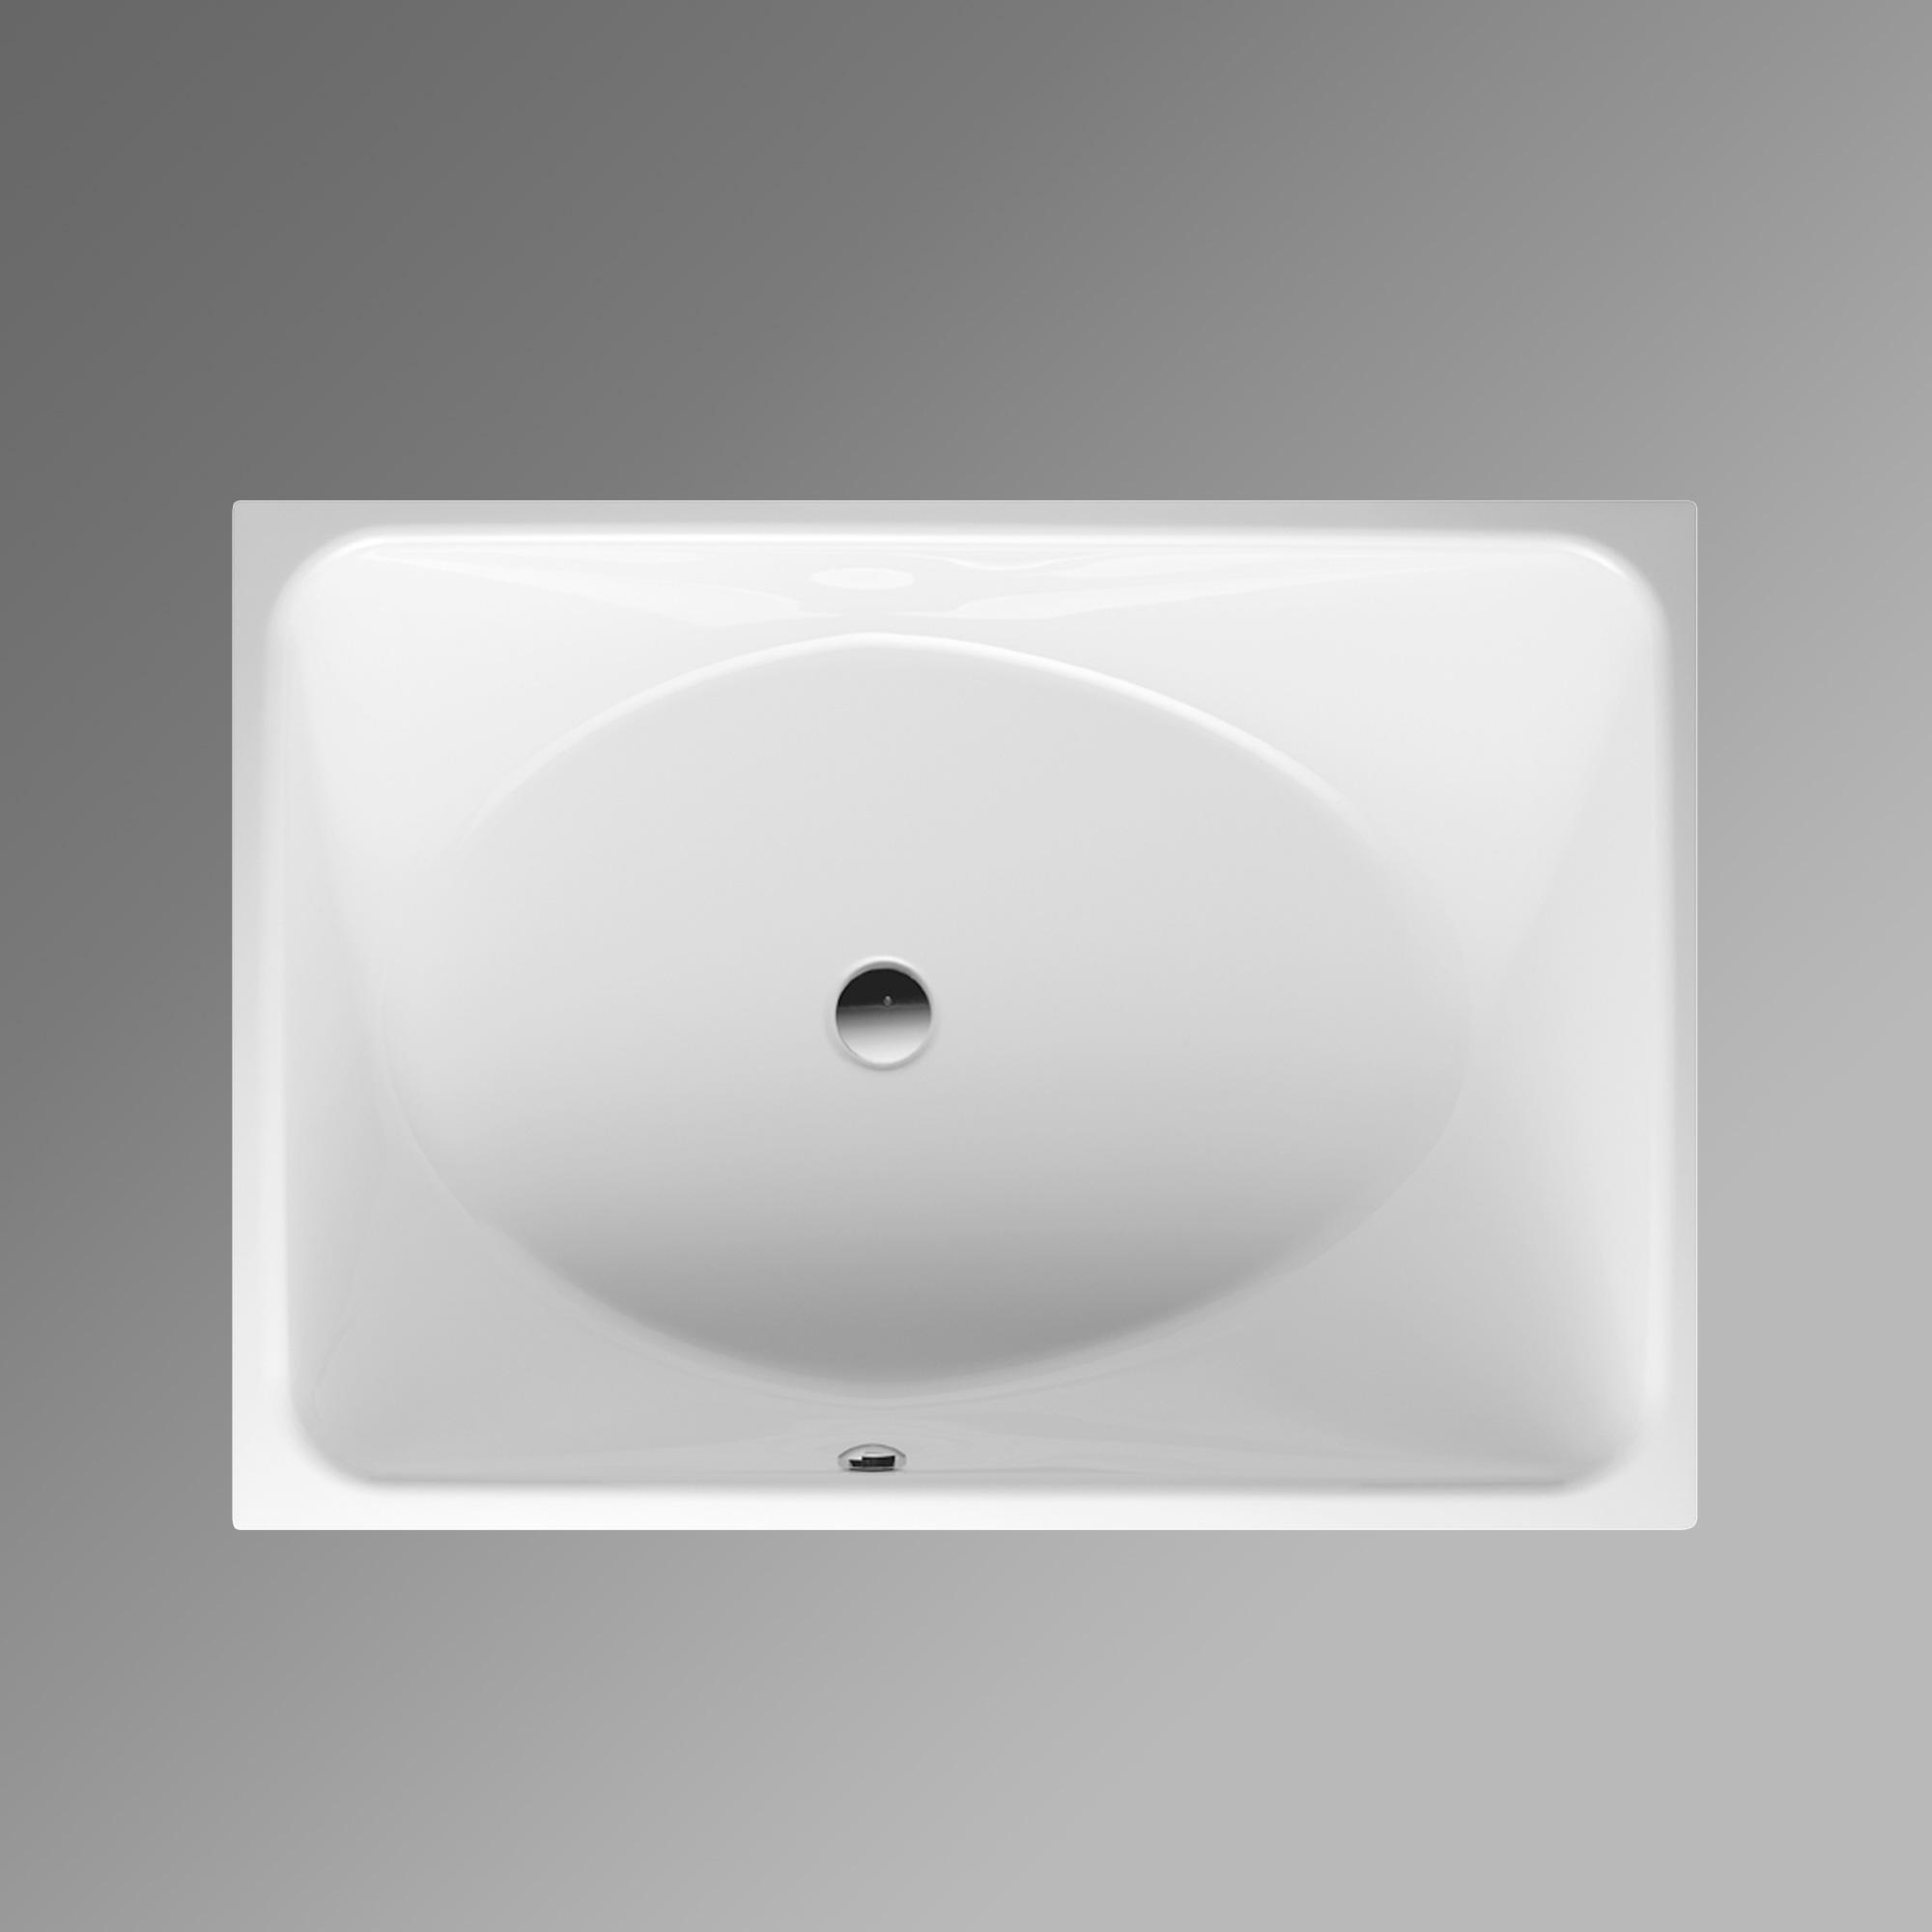 bette spa rechteck badewanne berlauf vorne wei 6861 000 reuter onlineshop. Black Bedroom Furniture Sets. Home Design Ideas